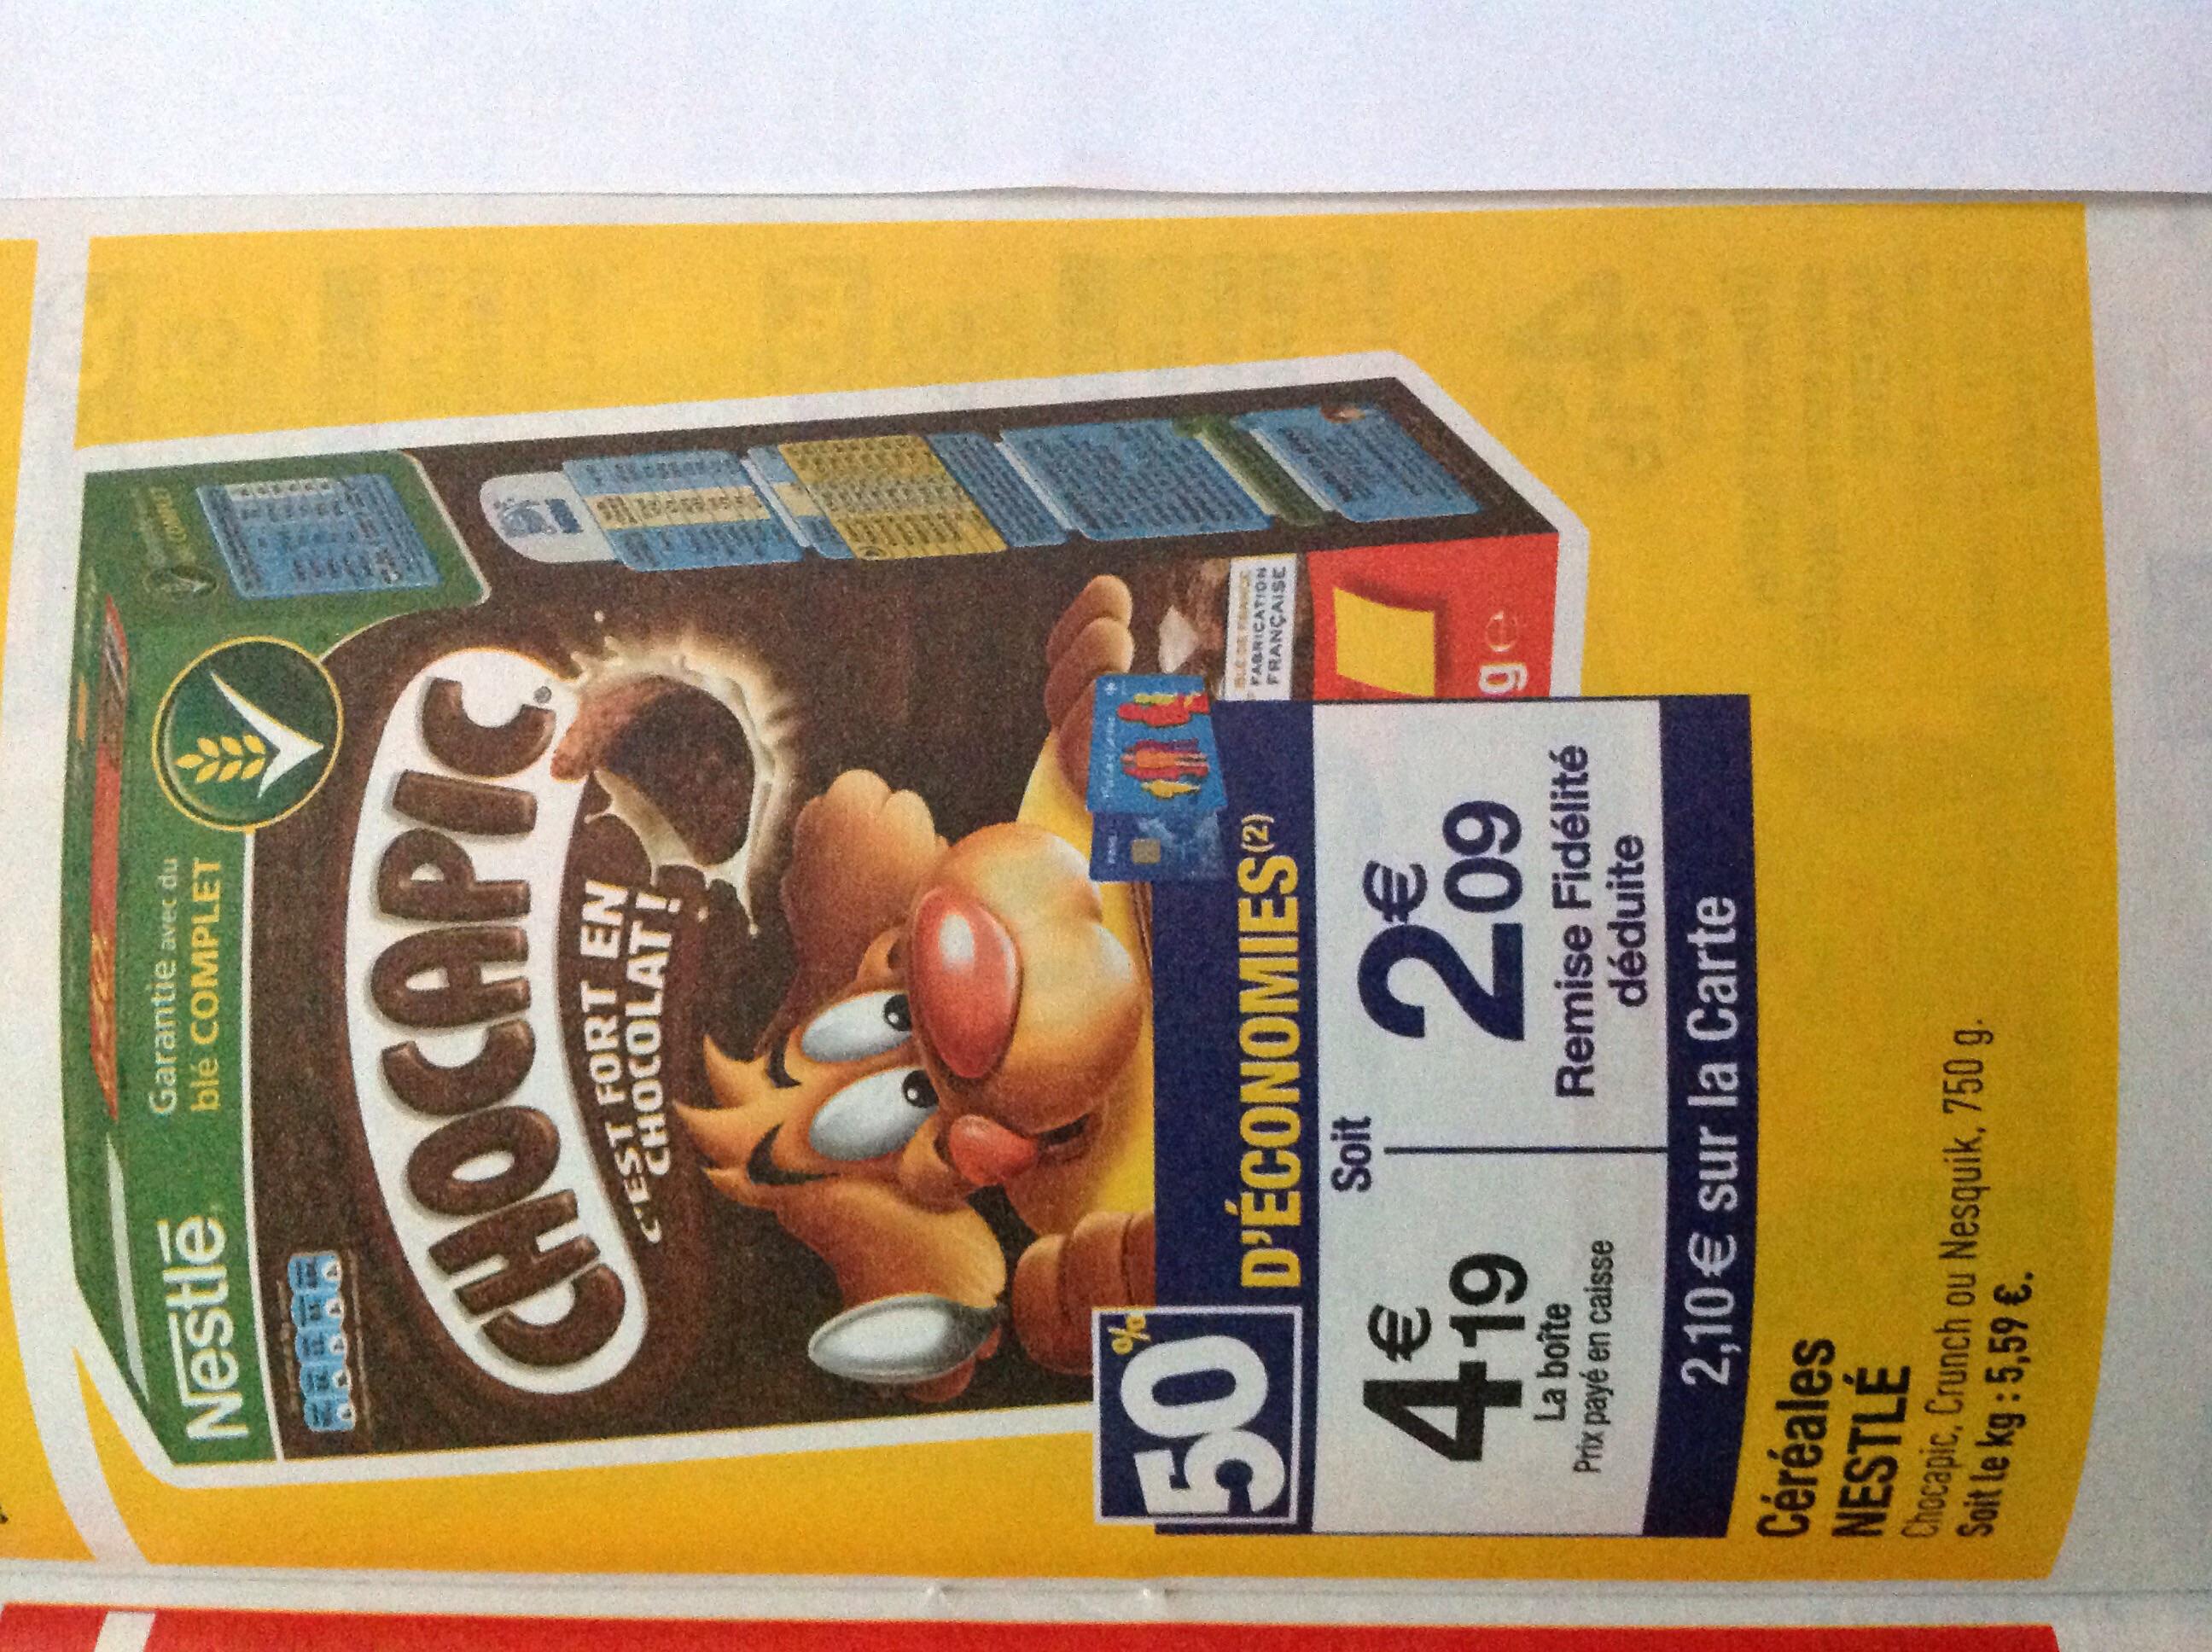 Céréales Chocapic 750g (50% sur la carte + Bdr 1.30€)